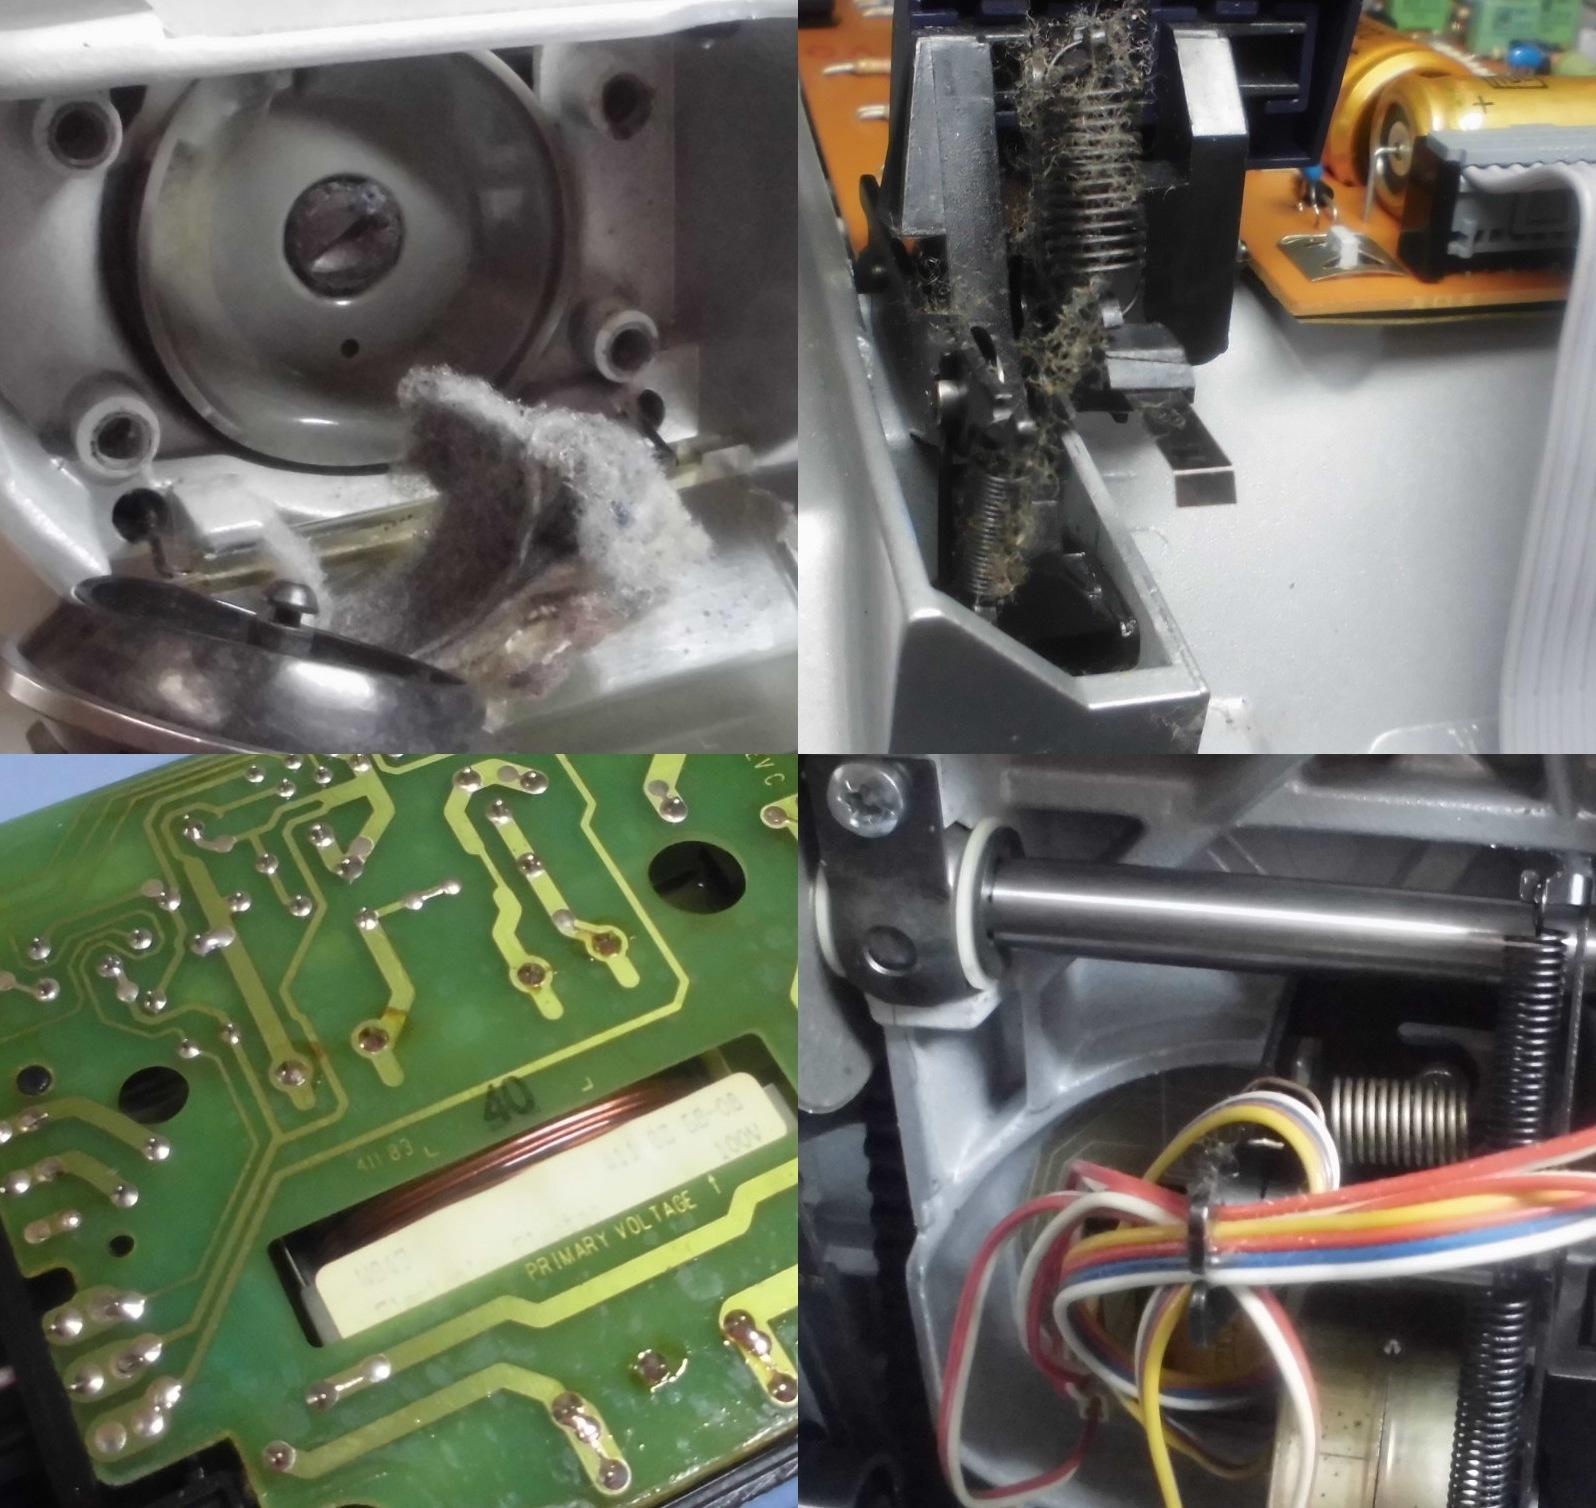 Electrolux990Sの故障や不具合 布を送らない、動かない、下糸が巻けない(ボビン)